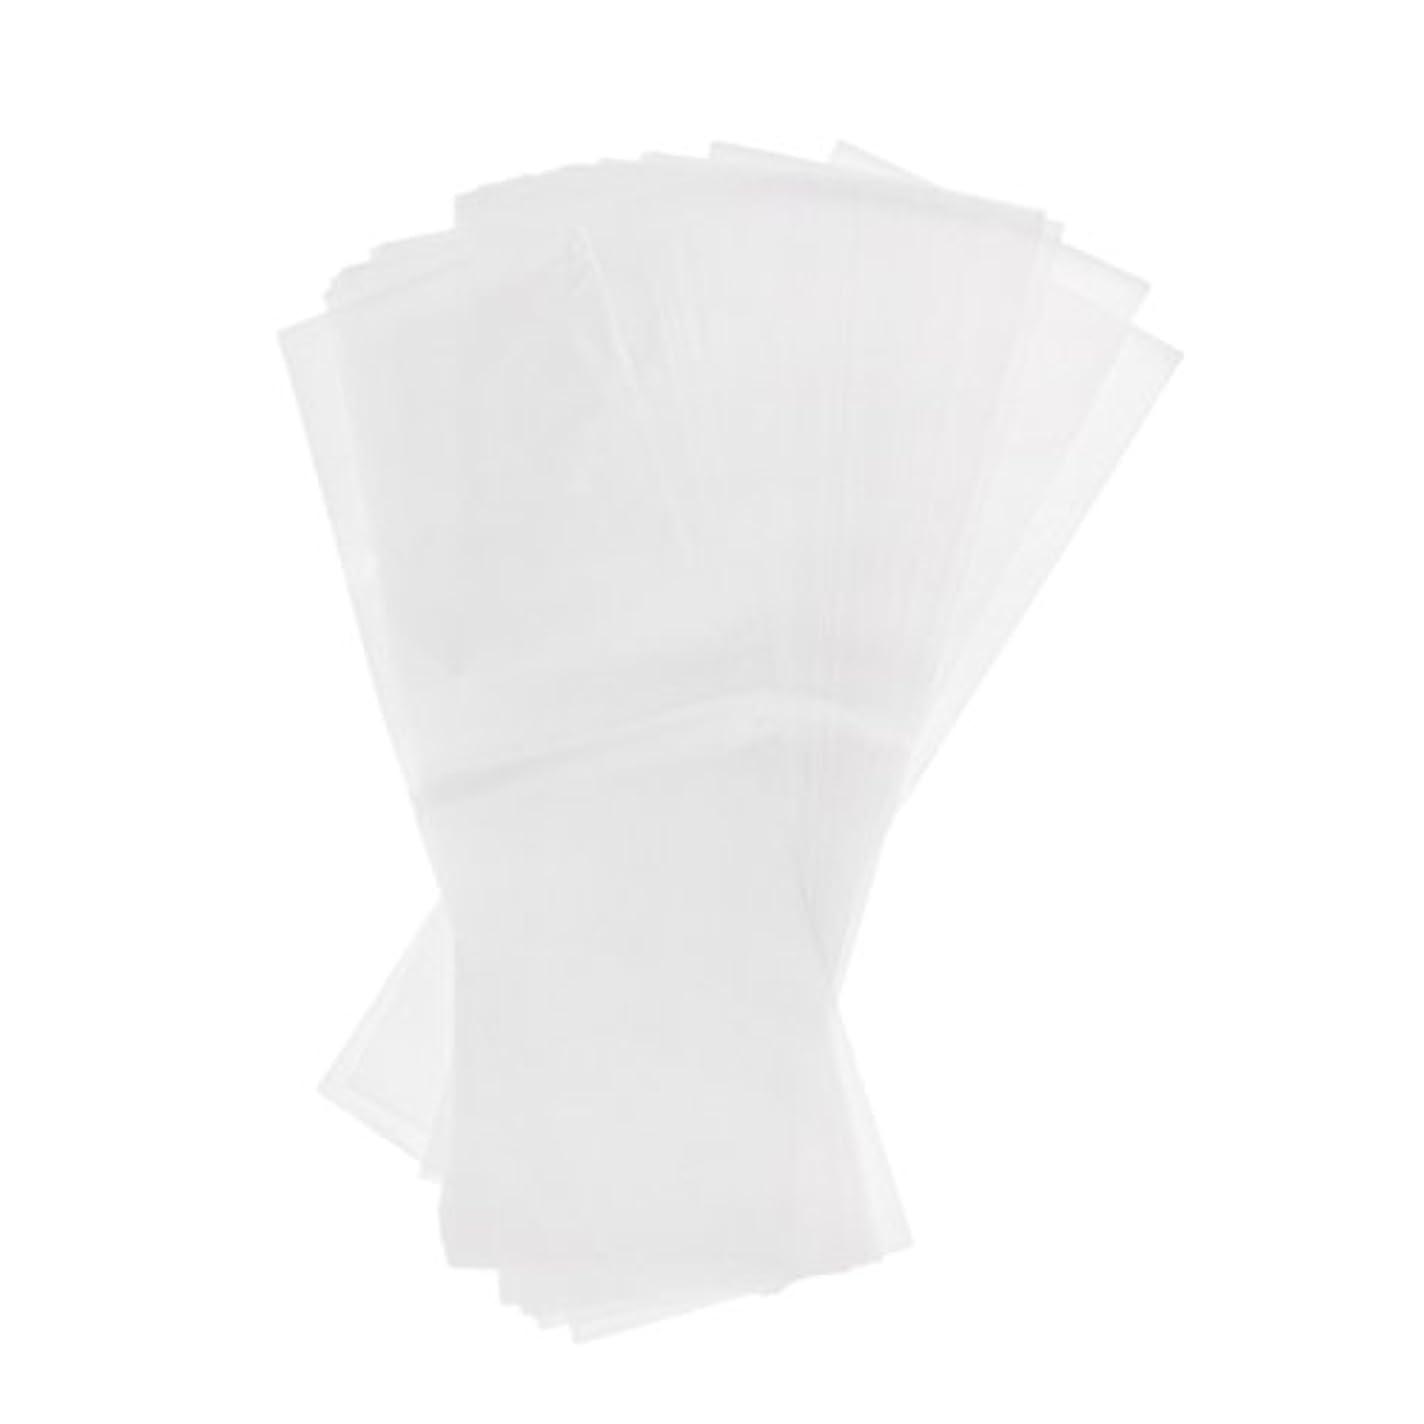 砂魔術領域Kesoto 約50枚 プラスチック製 染毛紙 ハイライト サロン 毛染め紙 ハイライトシート 再利用可能 2仕様選べ - ホワイト